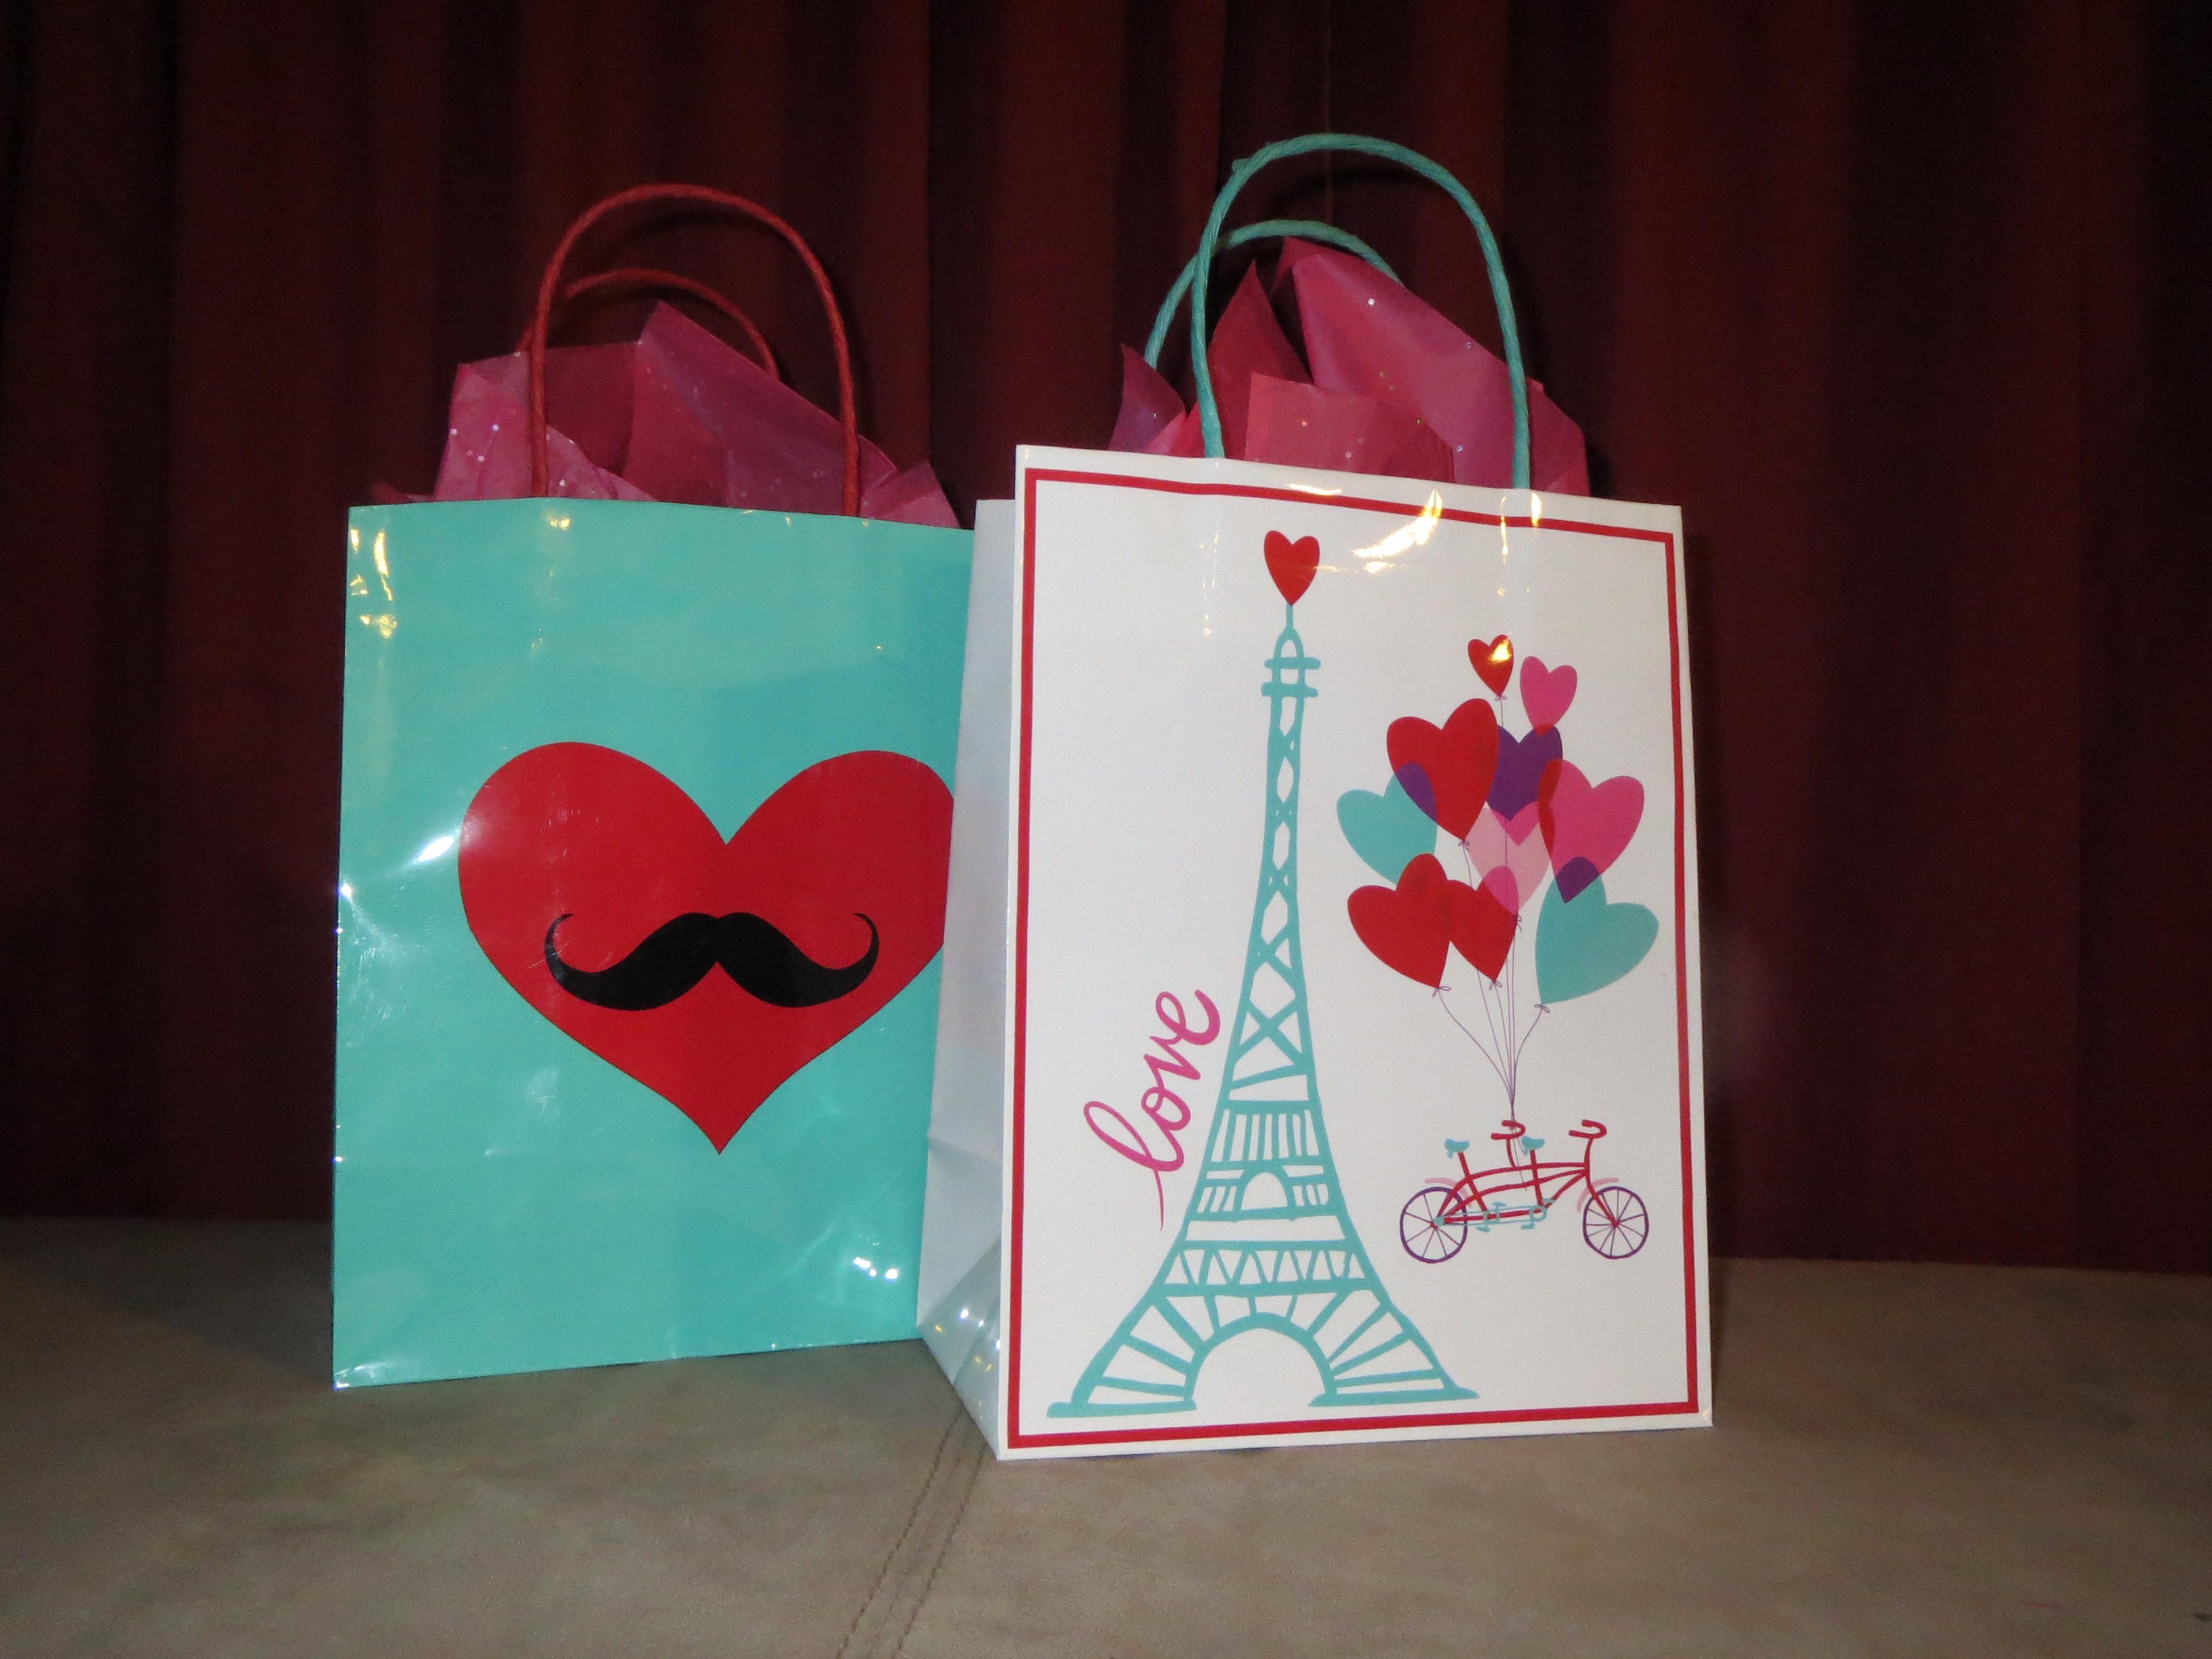 Valentines Gift Bag Ideas  5 DIY Valentine's Gift Ideas